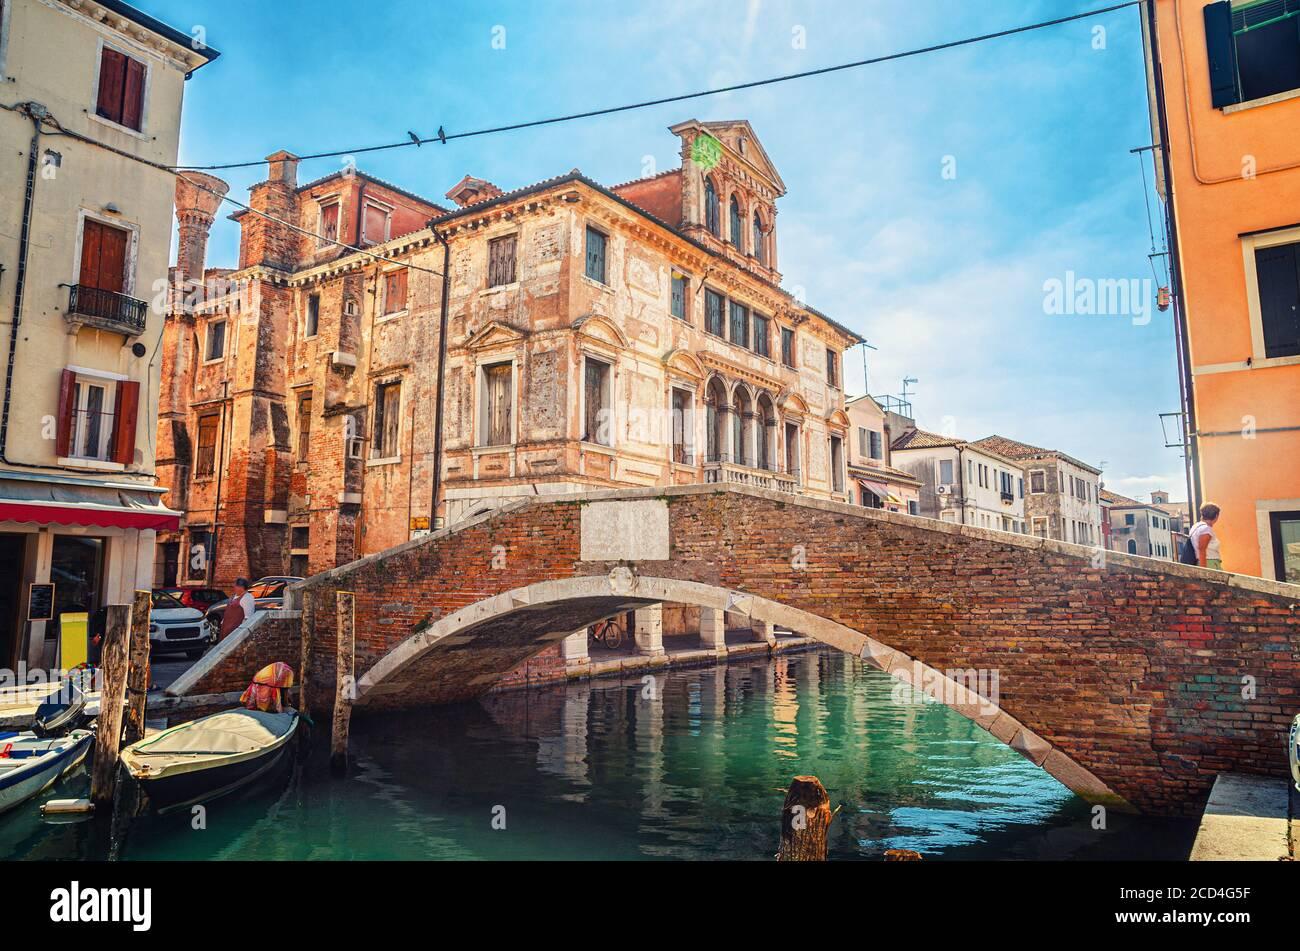 Pont en pierre Ponte Caneva traversant le canal de Vena avec des bateaux amarrés et un vieux bâtiment dans le centre historique de la ville de Chioggia, ciel bleu en été, région de Vénétie, Italie du Nord Banque D'Images